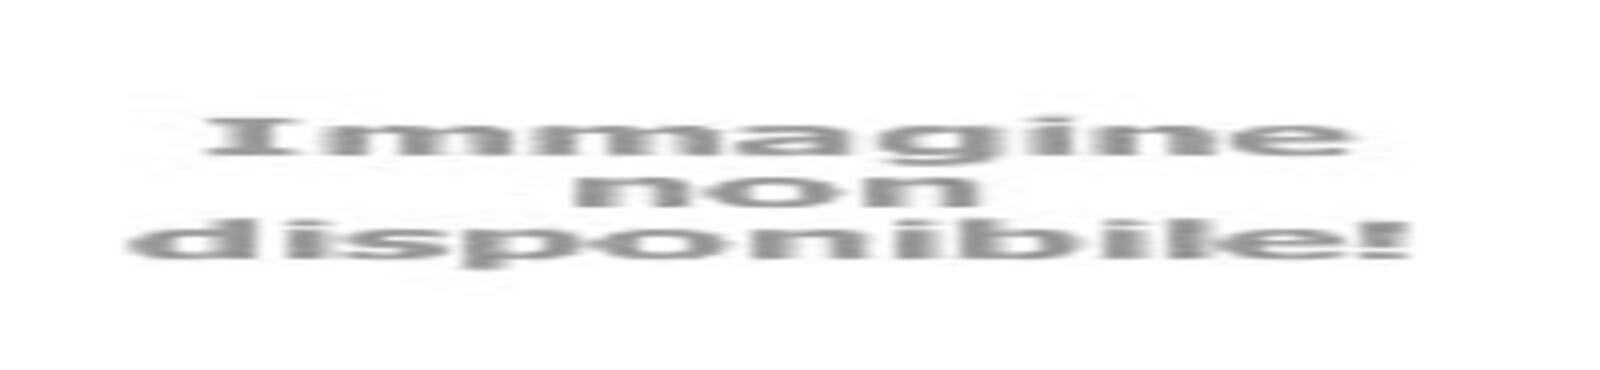 petronianaviaggi it angoli-di-umbria-il-ternano-acquasparta-san-gemini-narni-e-la-foresta-pietrificata-v377 002